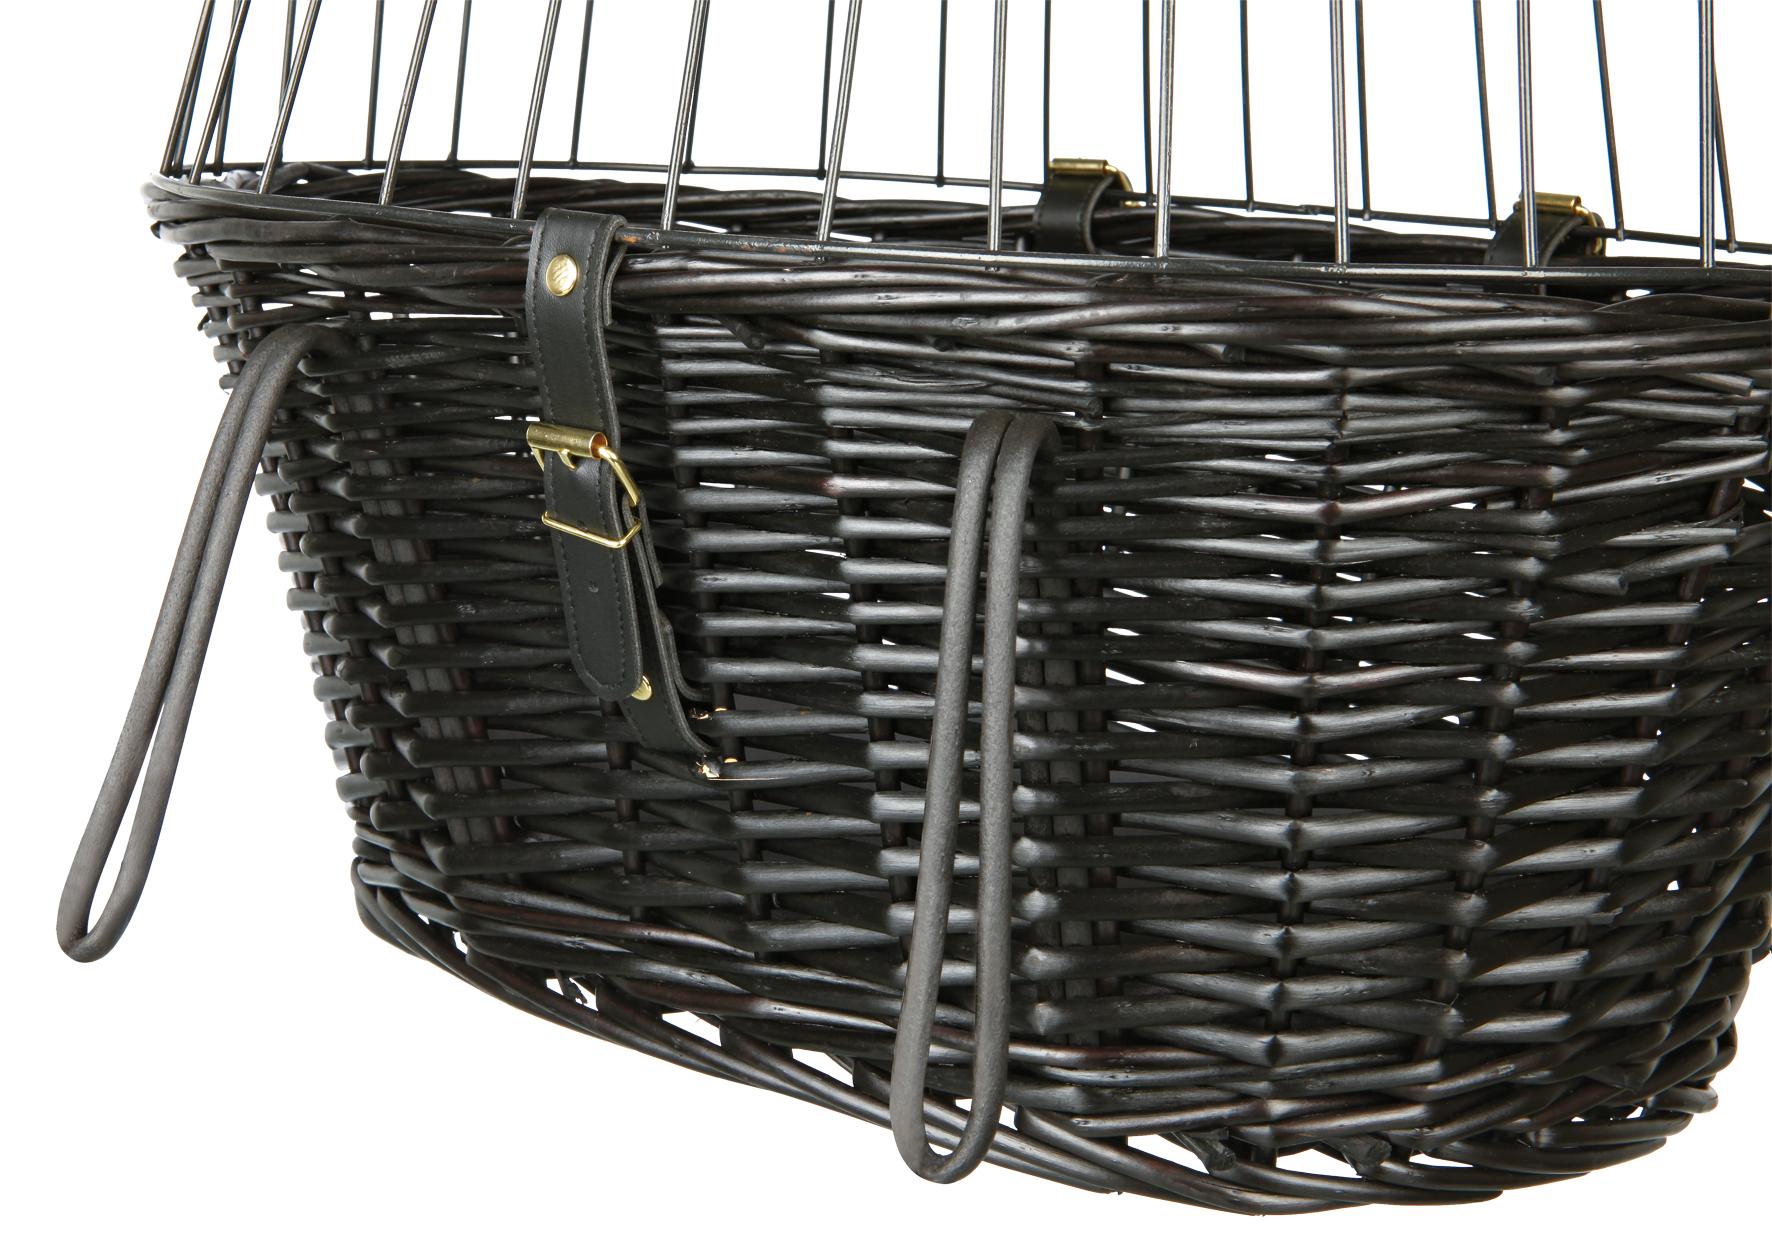 Front-Fahrradkorb für Tiere mit Gitter TRIXIE schwarz 50x35x41cm Bild 3